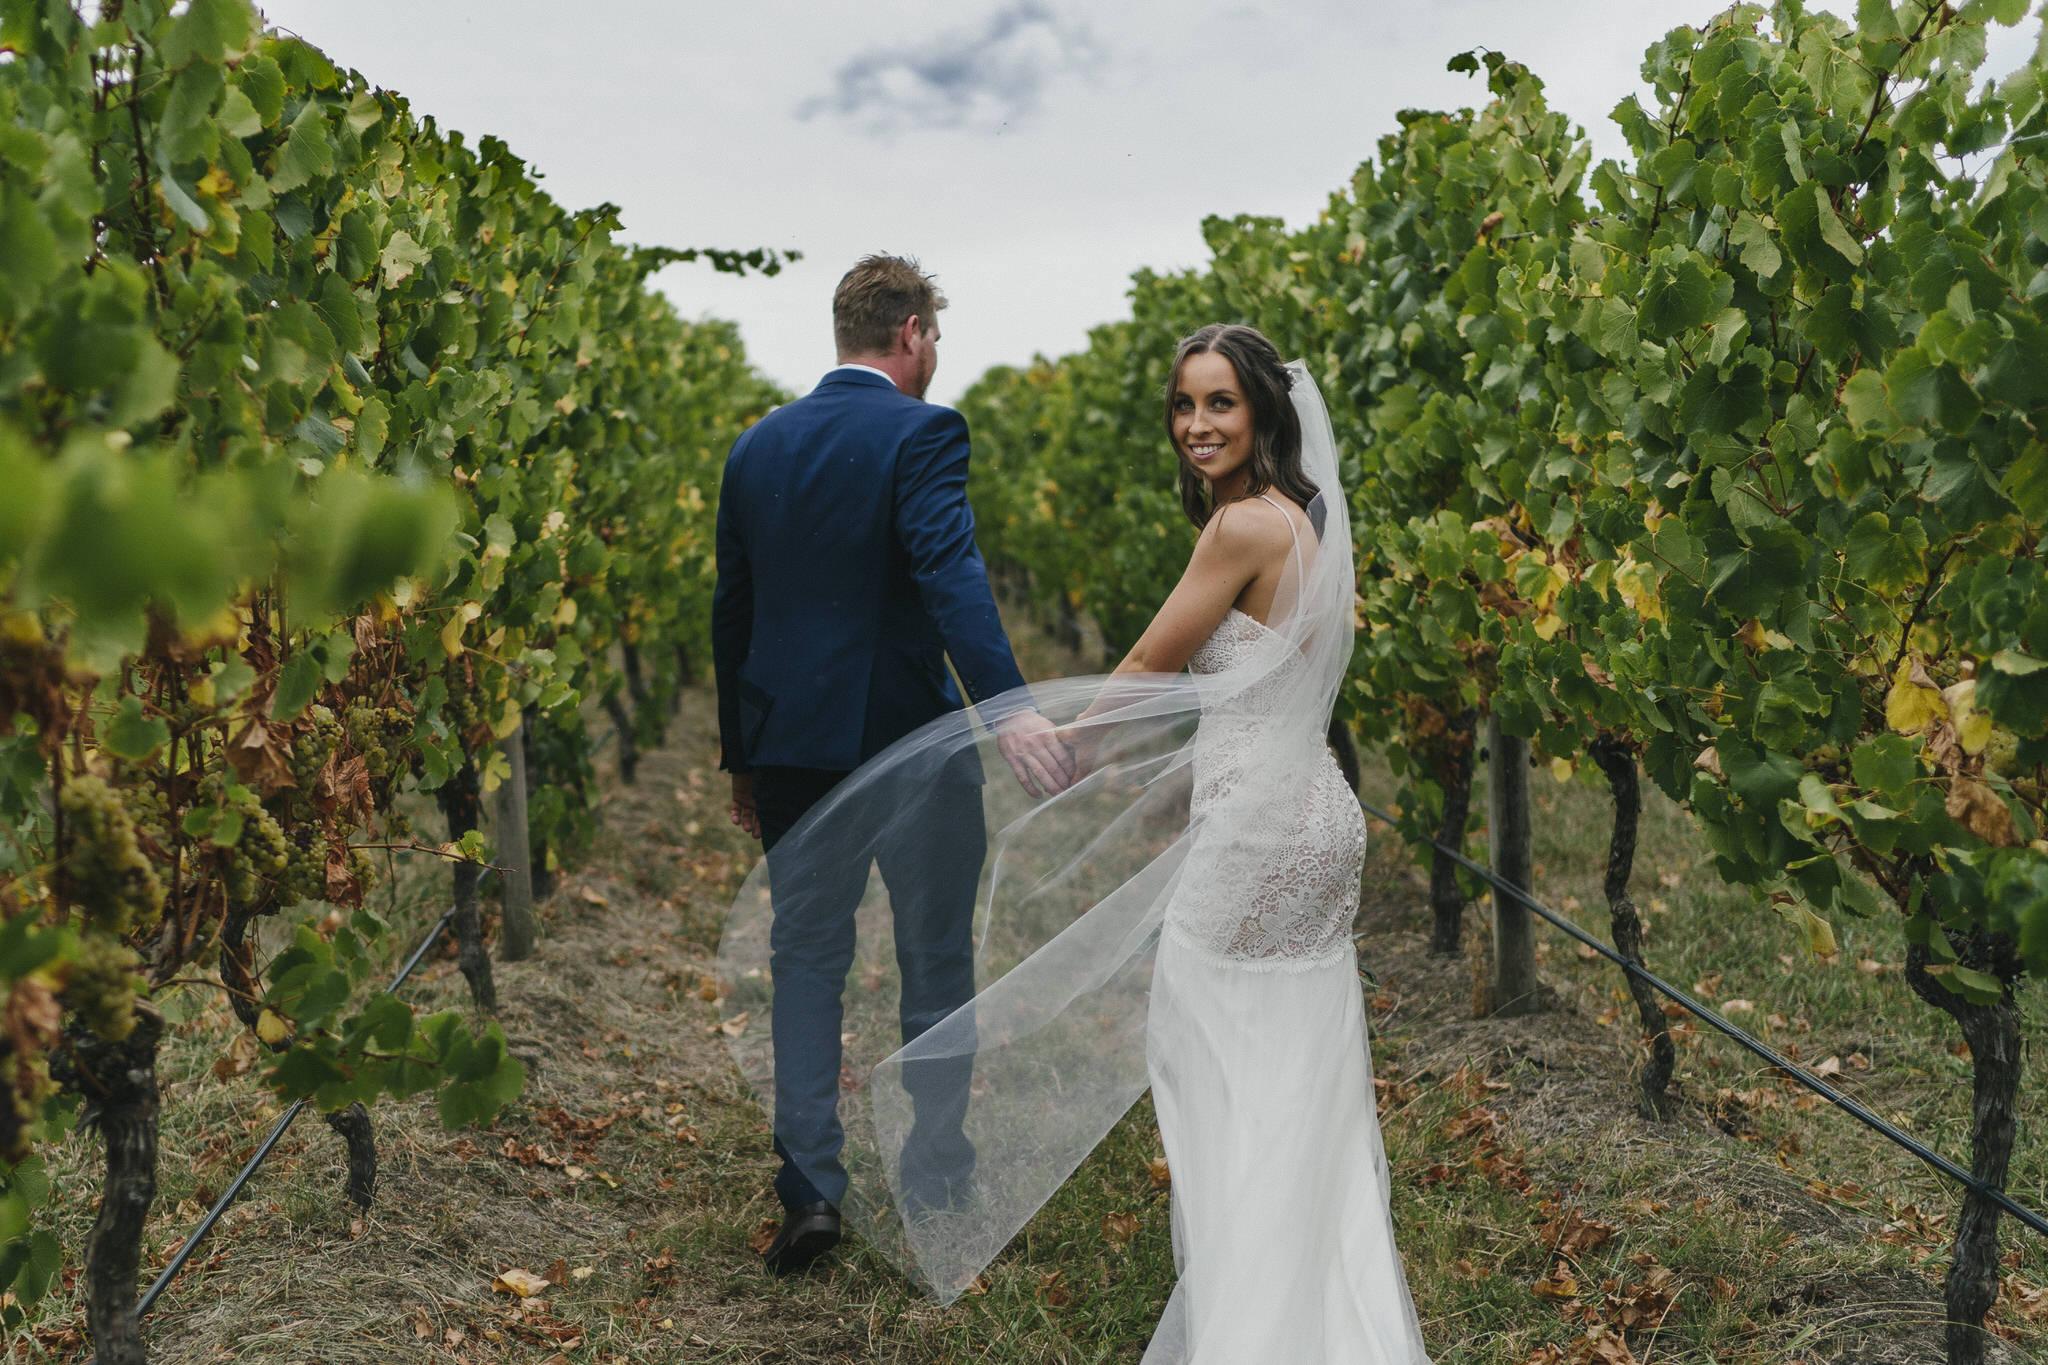 Elly & Alex_Wedding Day_High Res_355.jpg